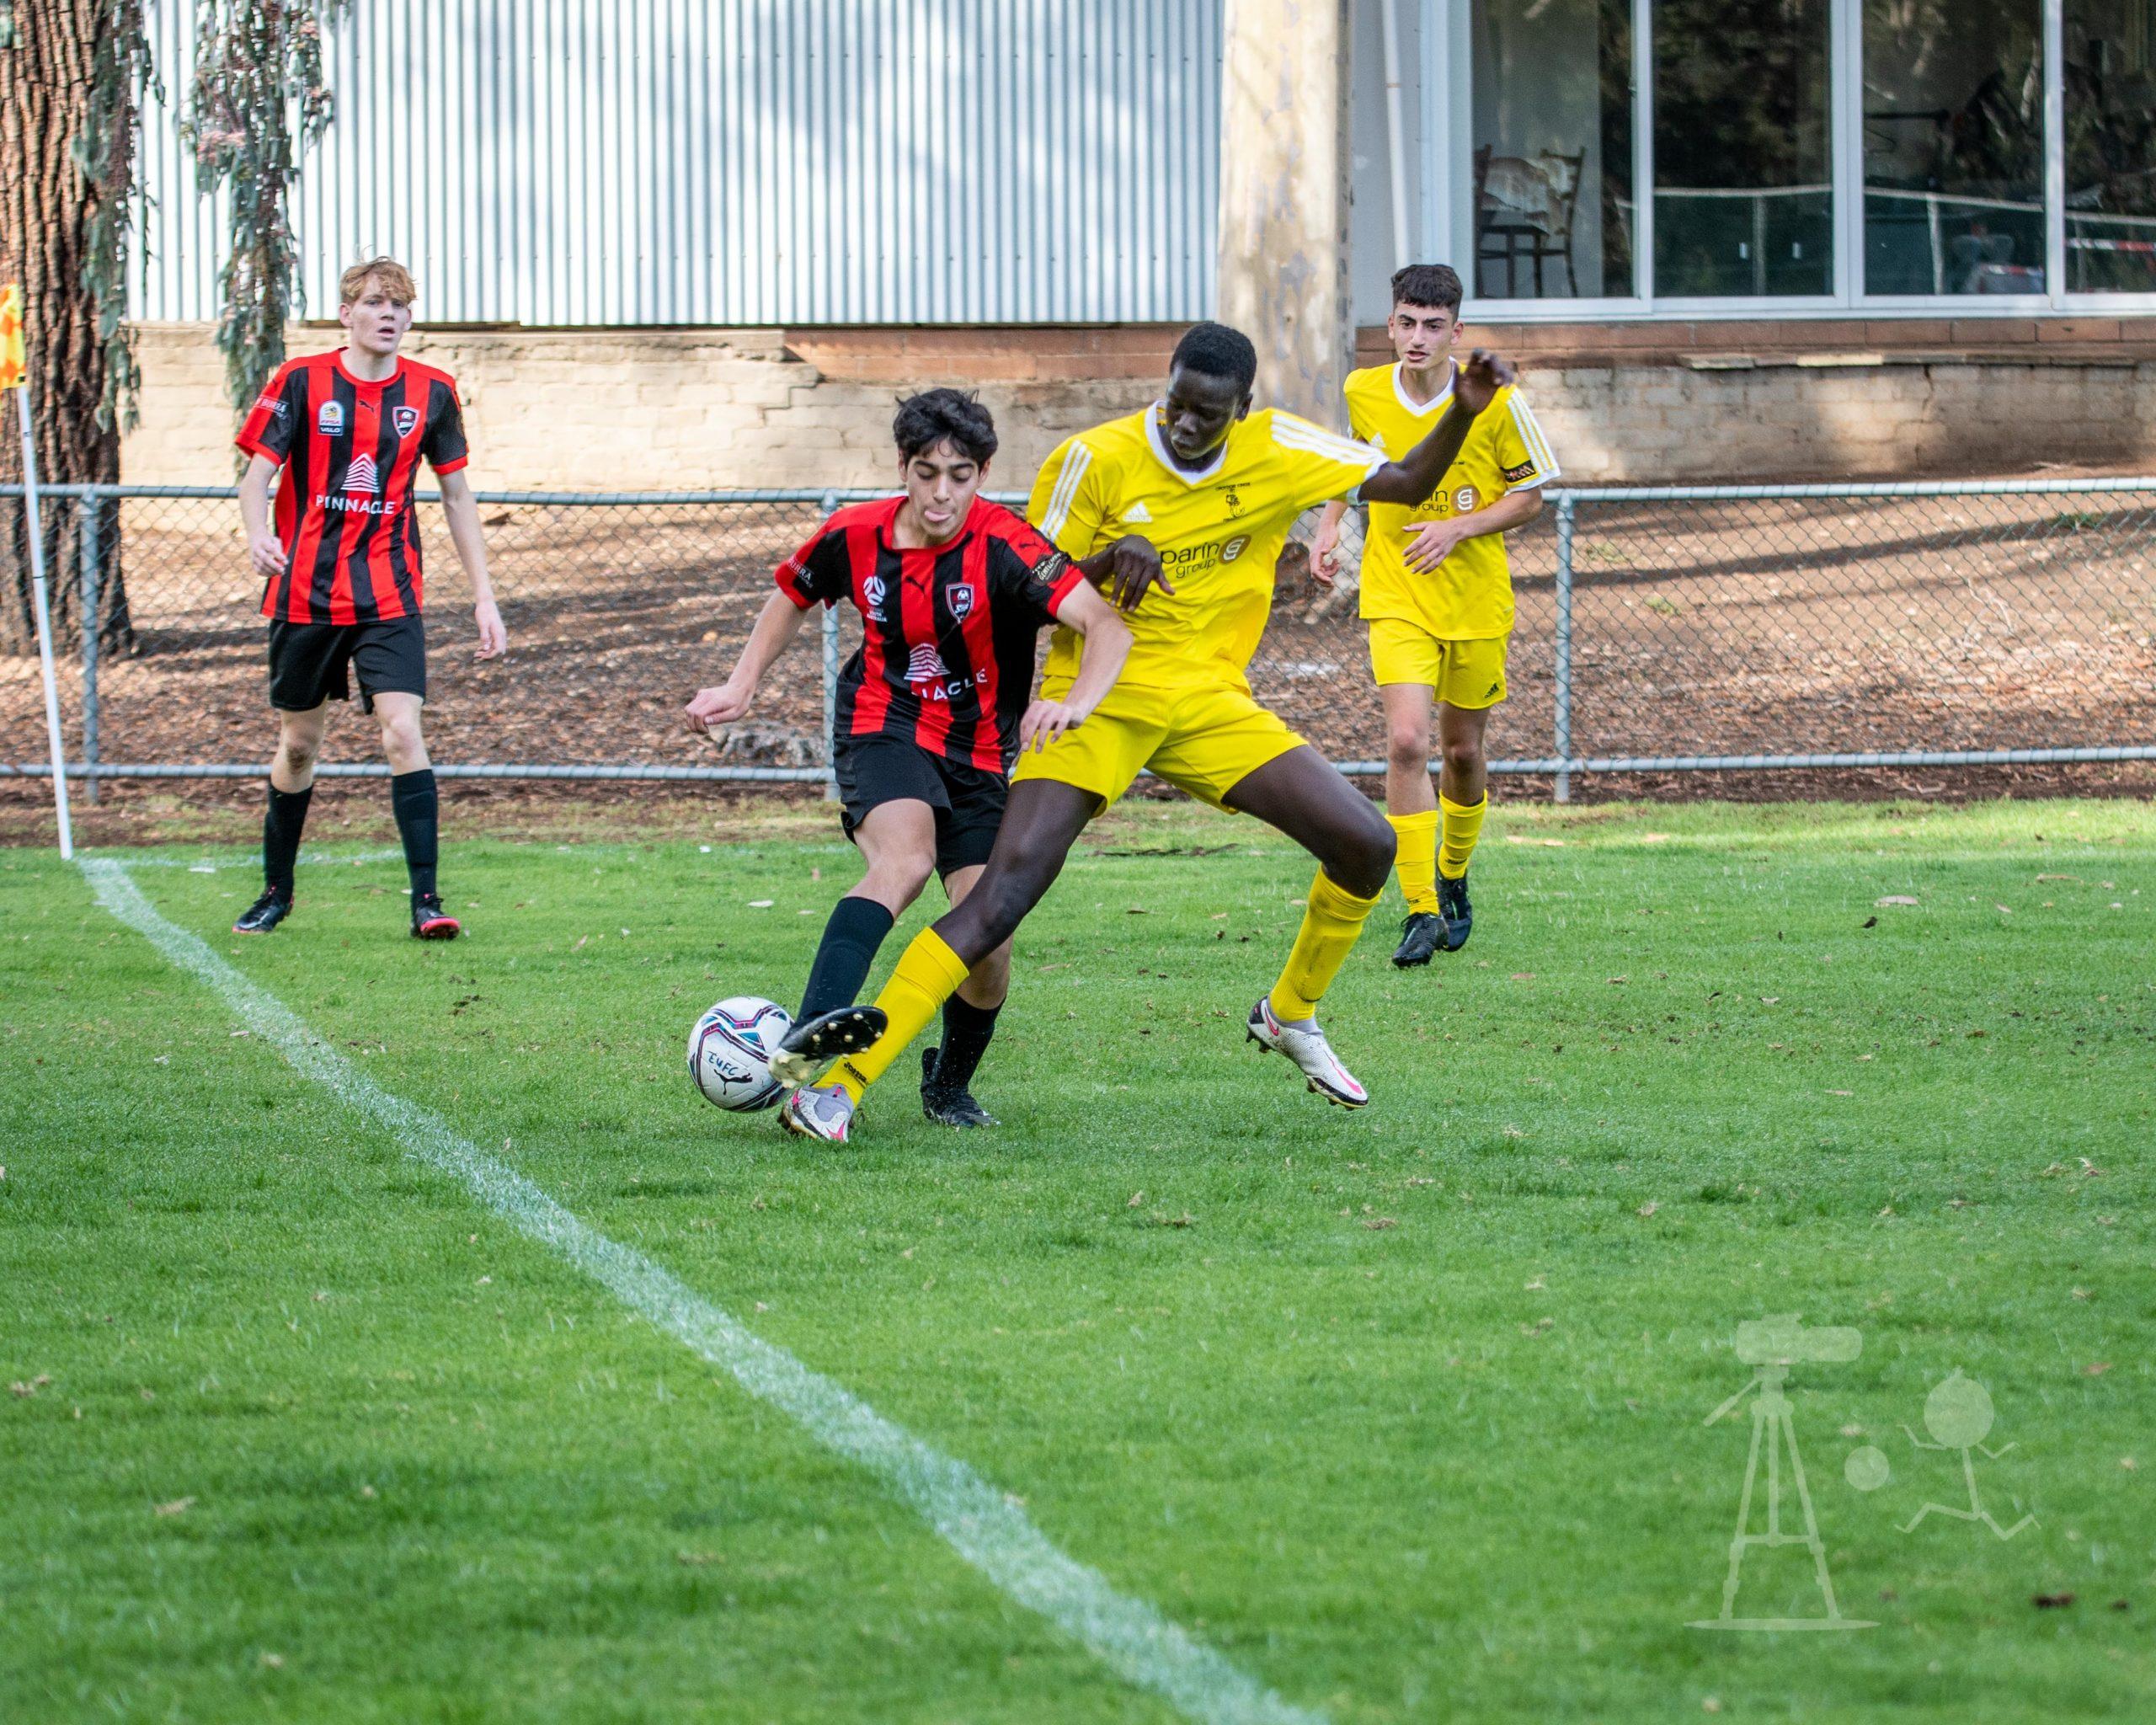 U18 Cup EUFC v Croydon